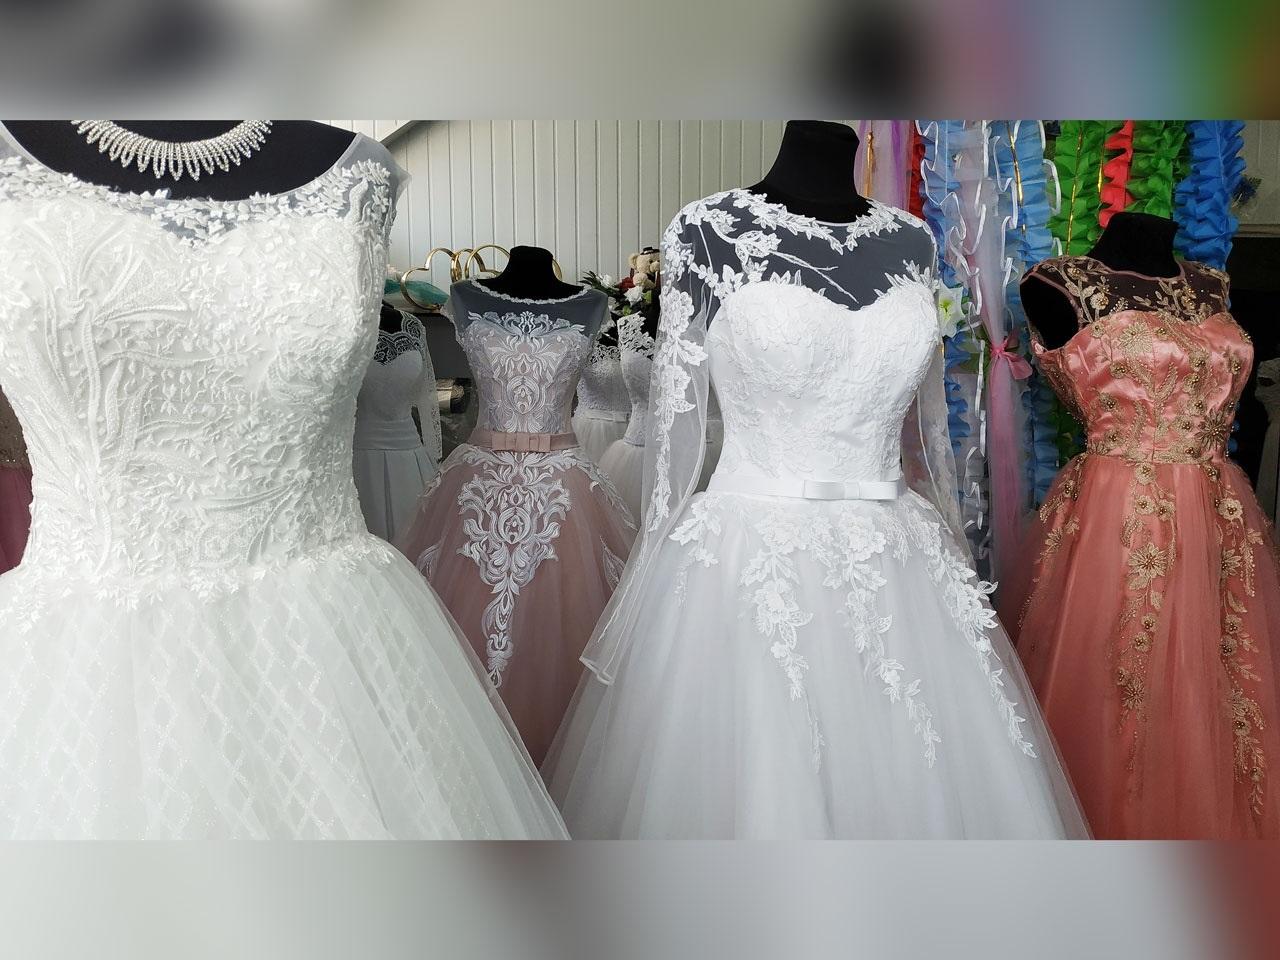 52f6f61c99029c Весільний салон «Аріна» знаходиться на вулиці Свободи, 17б у ТЦ «Глобус»,  третій поверх. Телефон для довідок: (063) 467-22-62